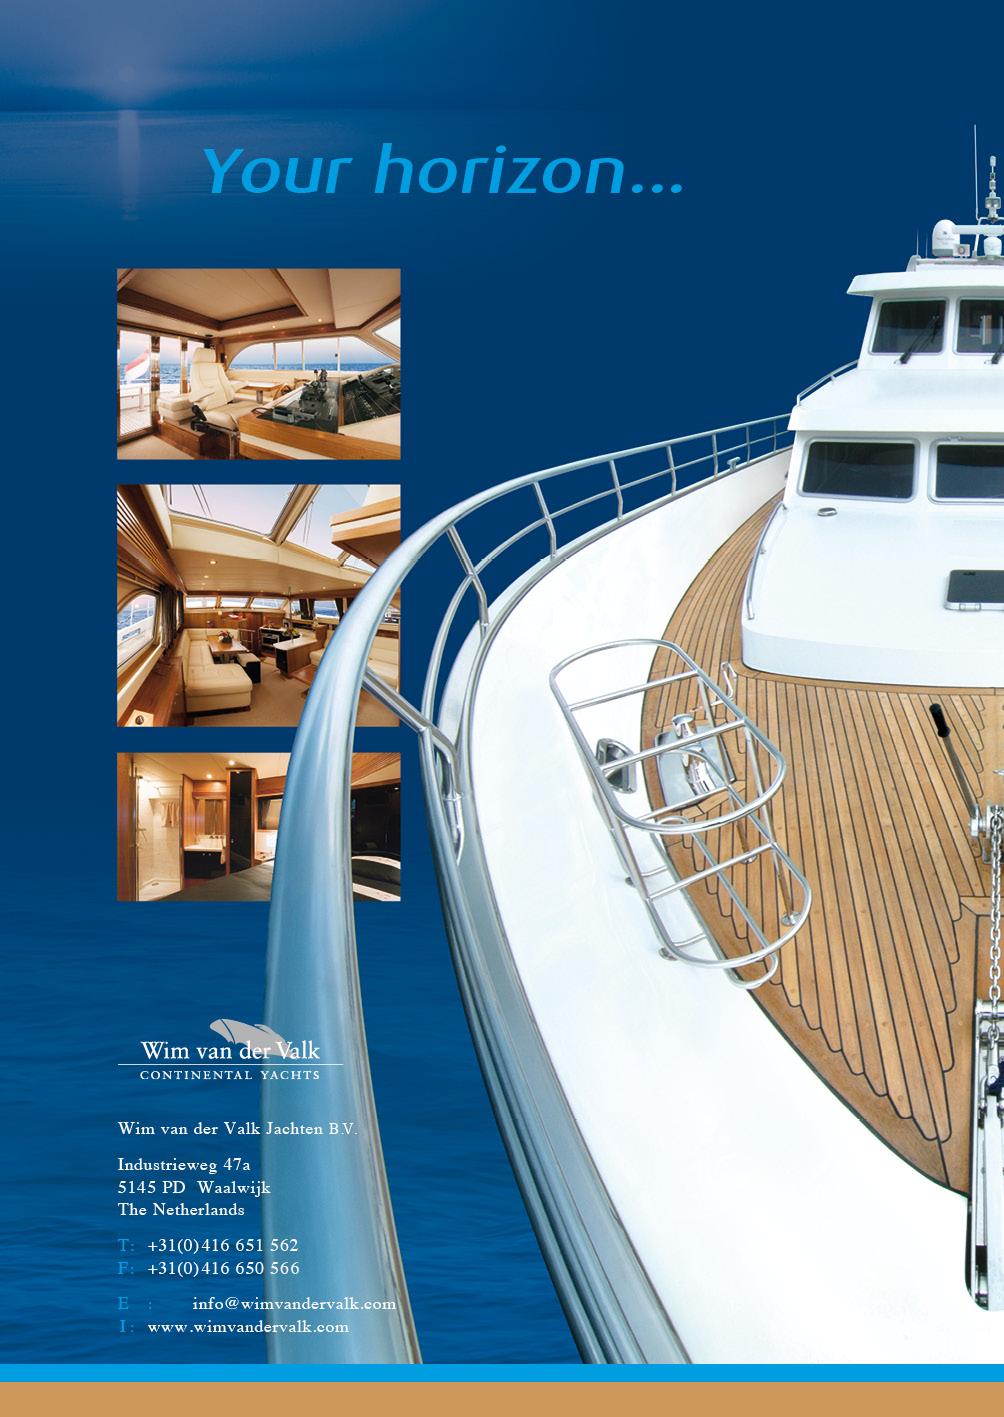 Jachtbouw - • huisstijl & tekst• bedrijfsbrochures• adverts• design   fotografie   illustraties